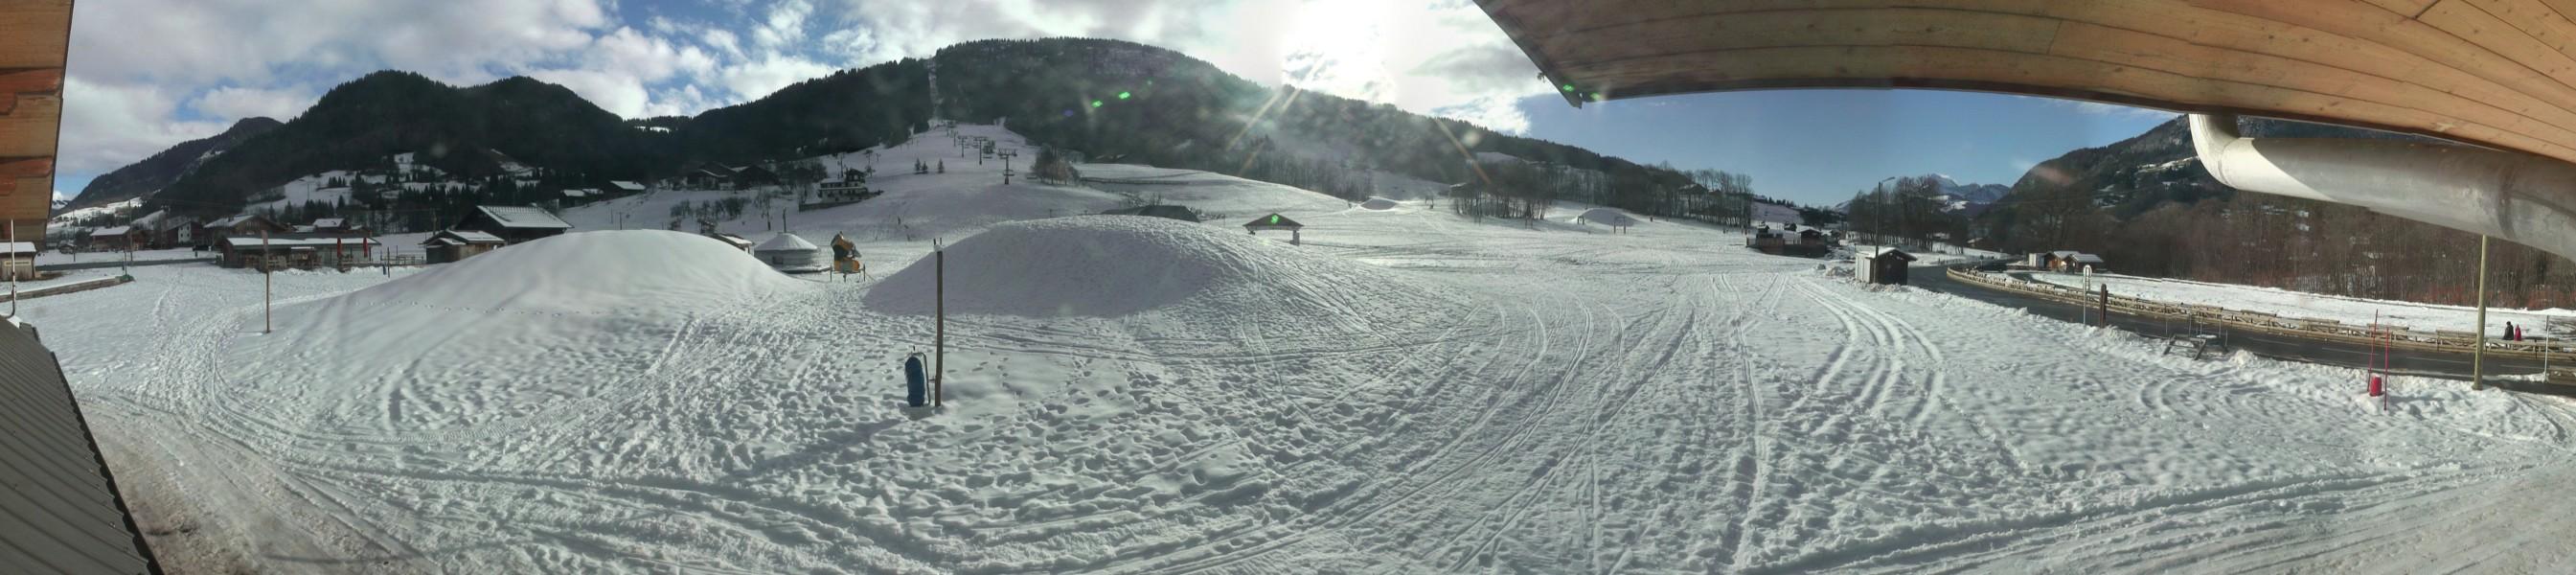 ...et de Praz sur Arly, où les tas de neige artificielle attendent d'être étalés